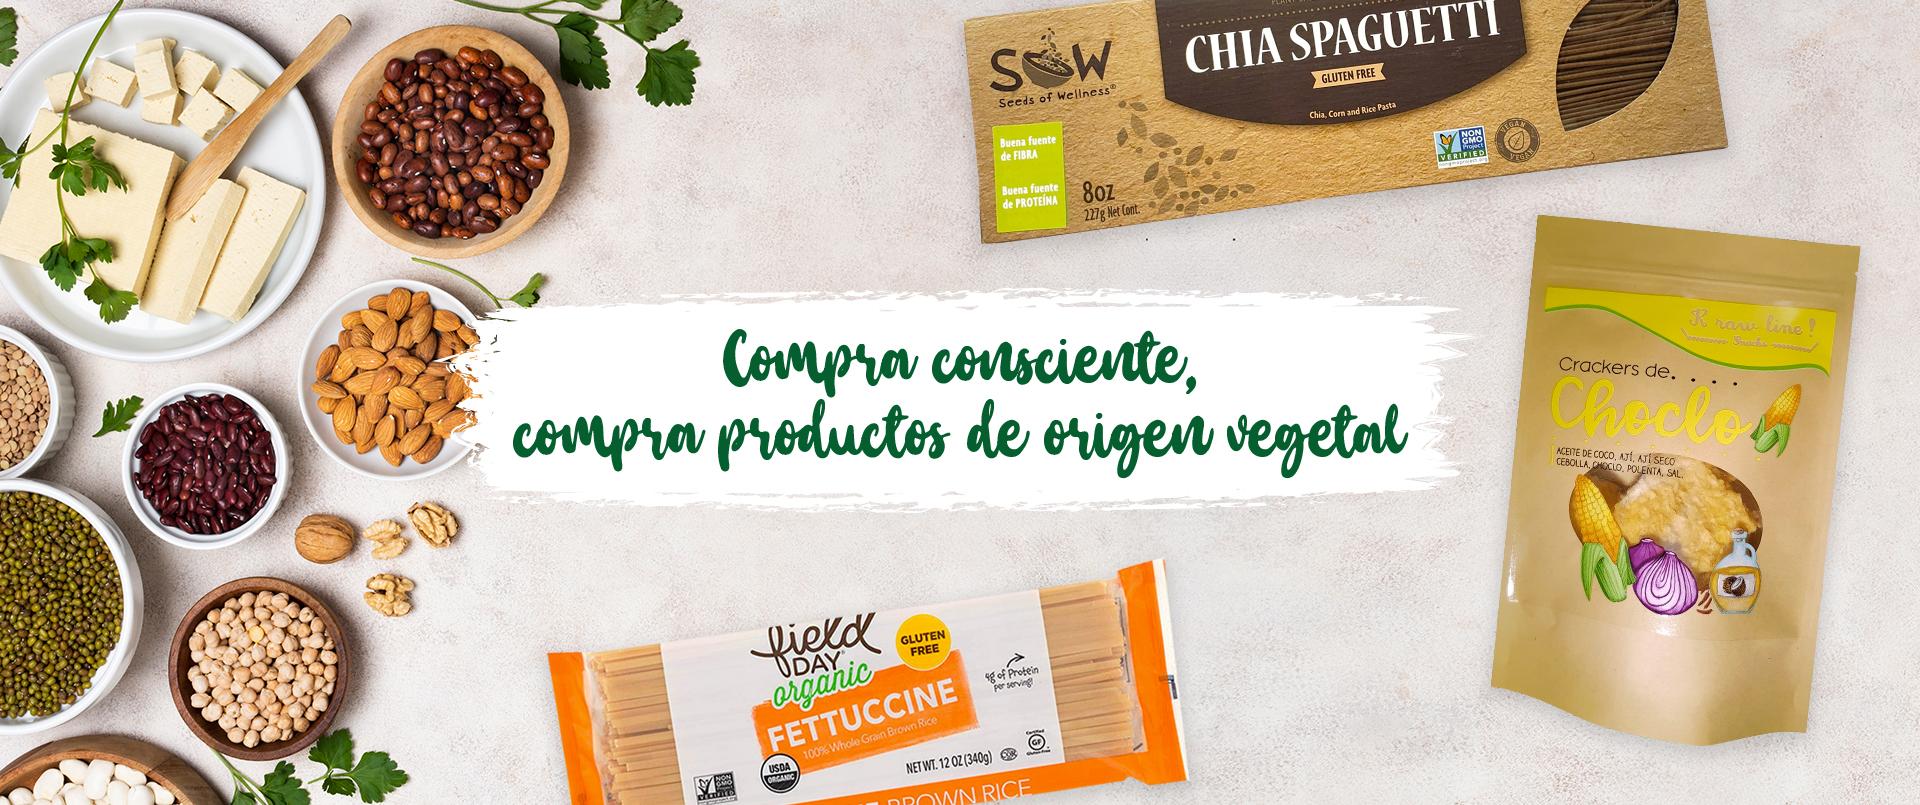 banner-vegetariano-2.jpg